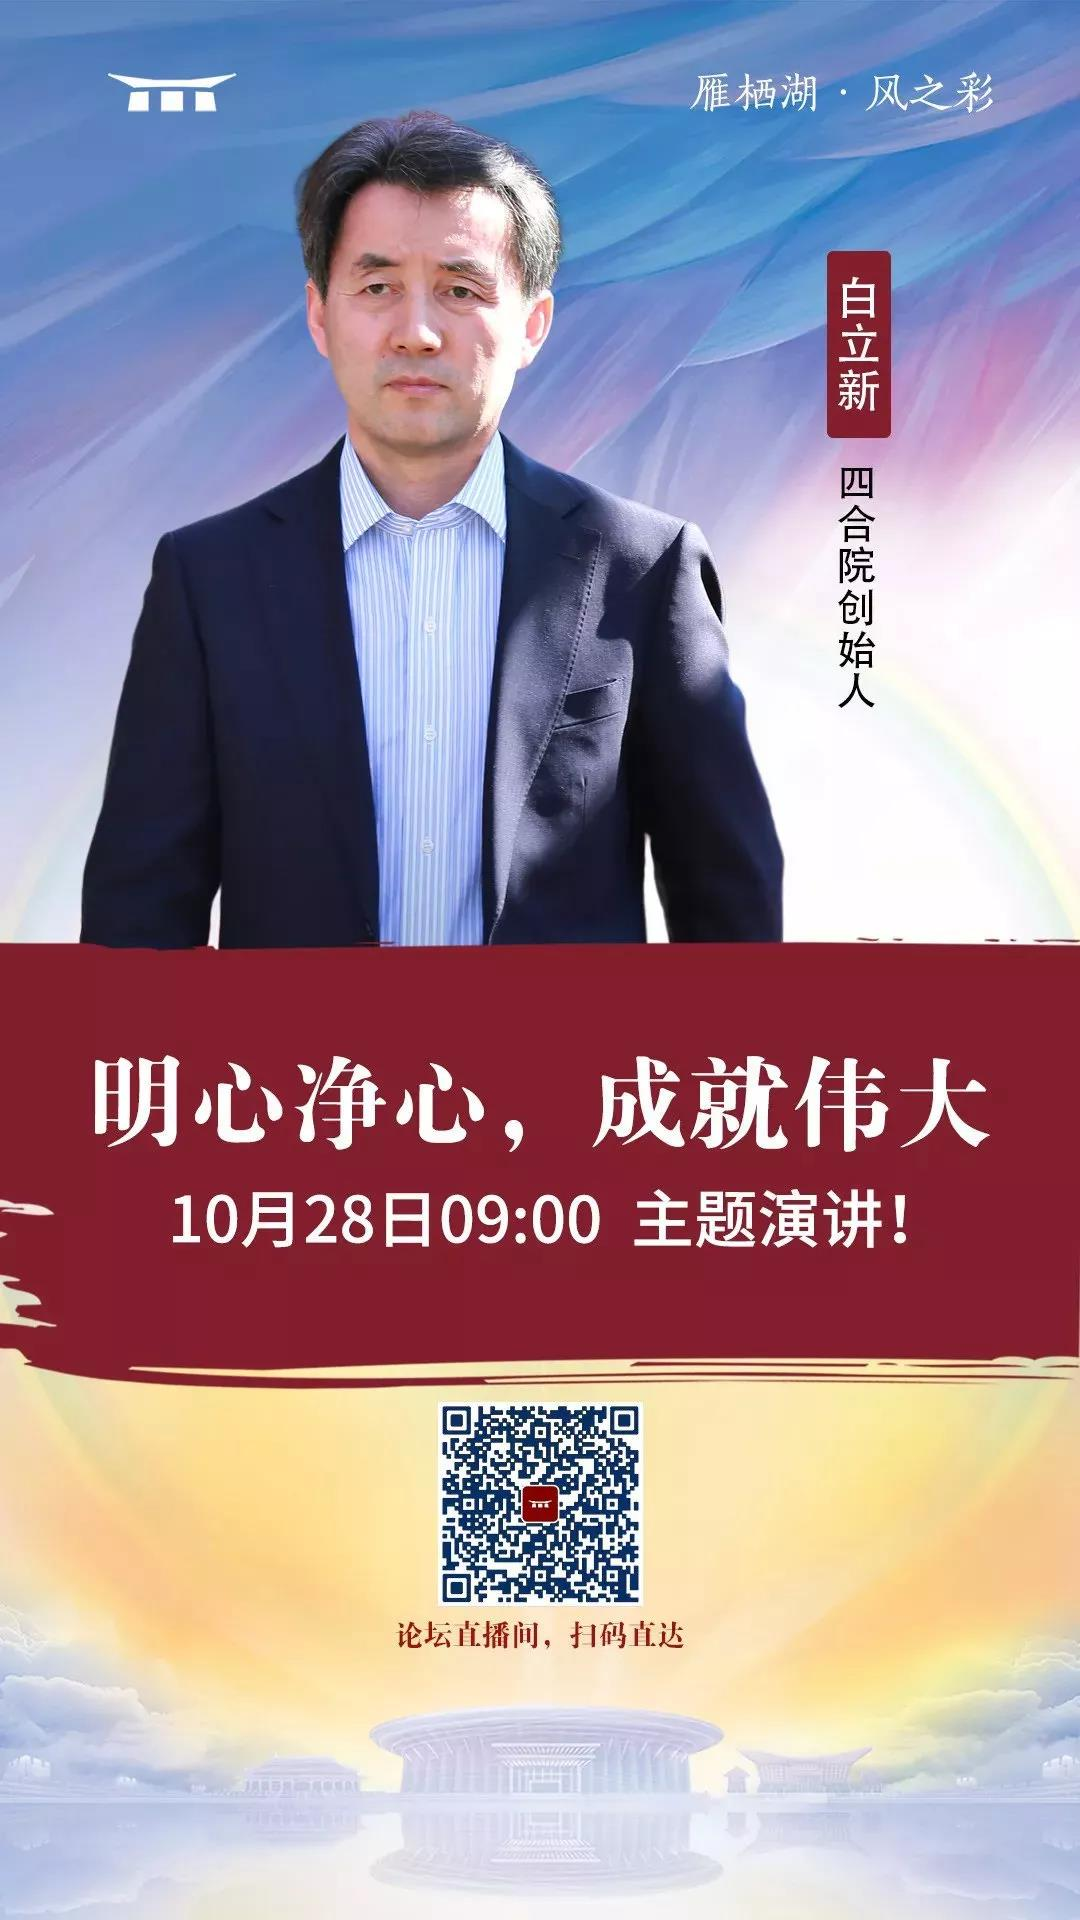 """葆蒂蘭國際組織觀看""""2019雁棲湖企業家論壇"""" 直播!"""